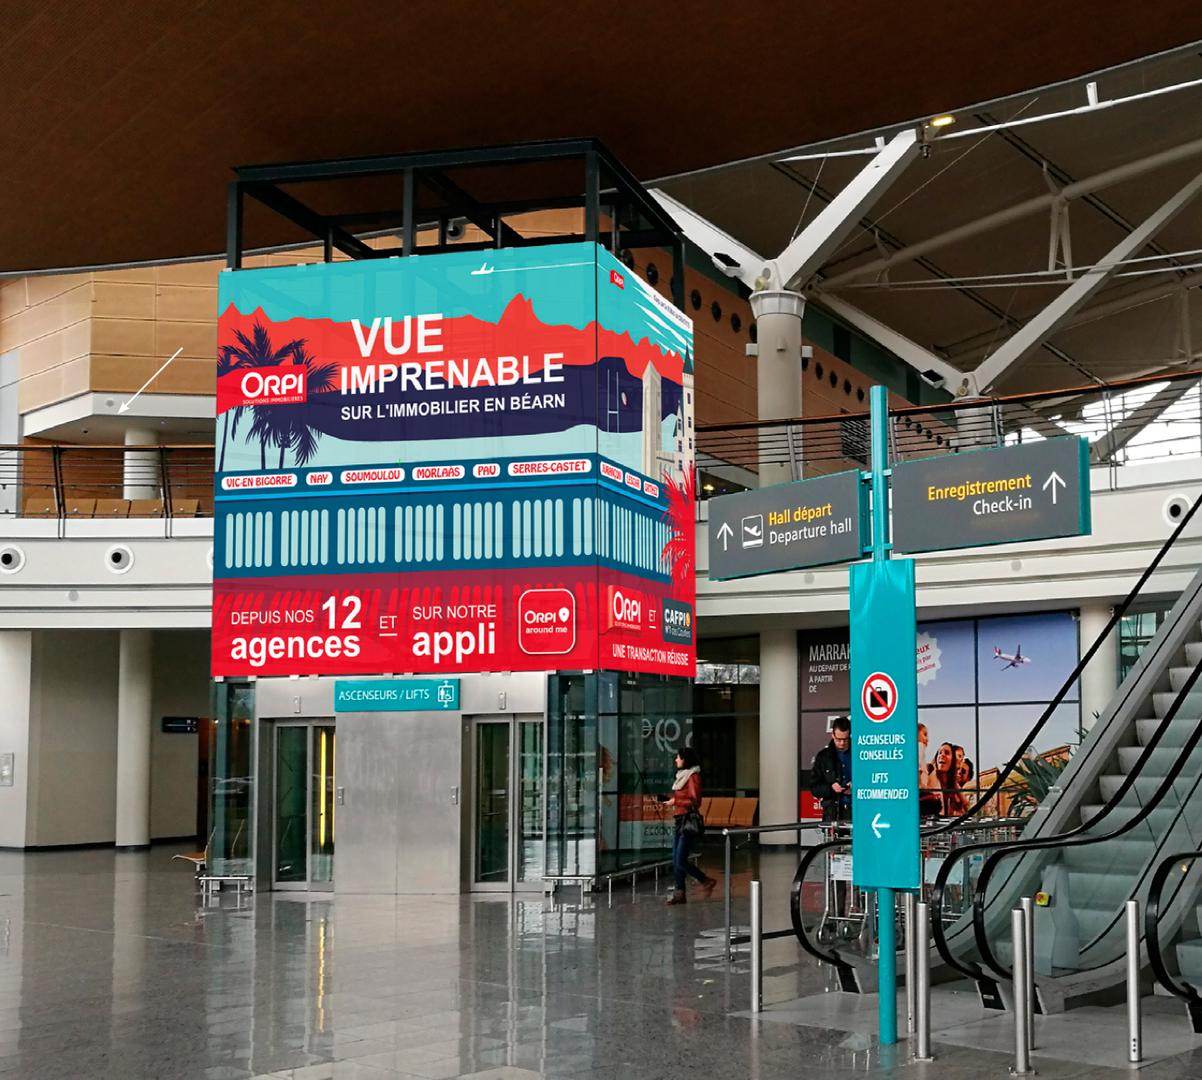 Publicité, aéroport de Pau, Gie Orpi